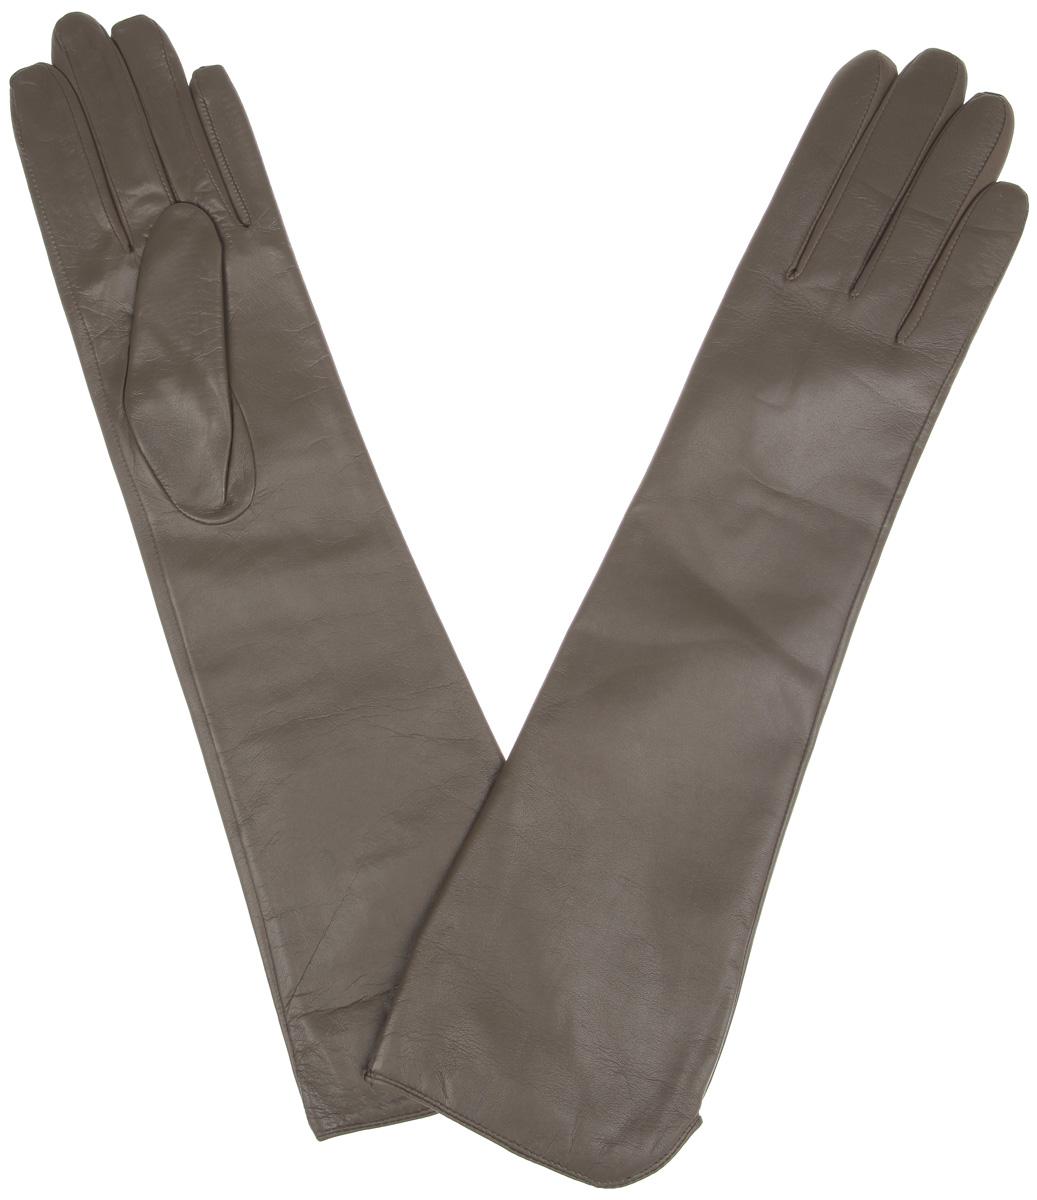 Перчатки женские Labbra, цвет: серо-коричневый. LB-2002. Размер 7,5LB-2002Элегантные удлиненные женские перчатки Labbra станут великолепным дополнением вашего образа и защитят ваши руки от холода и ветра во время прогулок.Перчатки выполнены из натуральной кожи и имеют подкладку из шерсти с добавлением акрила, что позволяет им надежно сохранять тепло и обеспечивает высокую гигроскопичность. Удлиненные манжеты подчеркнут изящество ваших рук. Такие перчатки будут оригинальным завершающим штрихом в создании современного модного образа, они подчеркнут ваш изысканный вкус и станут незаменимым и практичным аксессуаром.